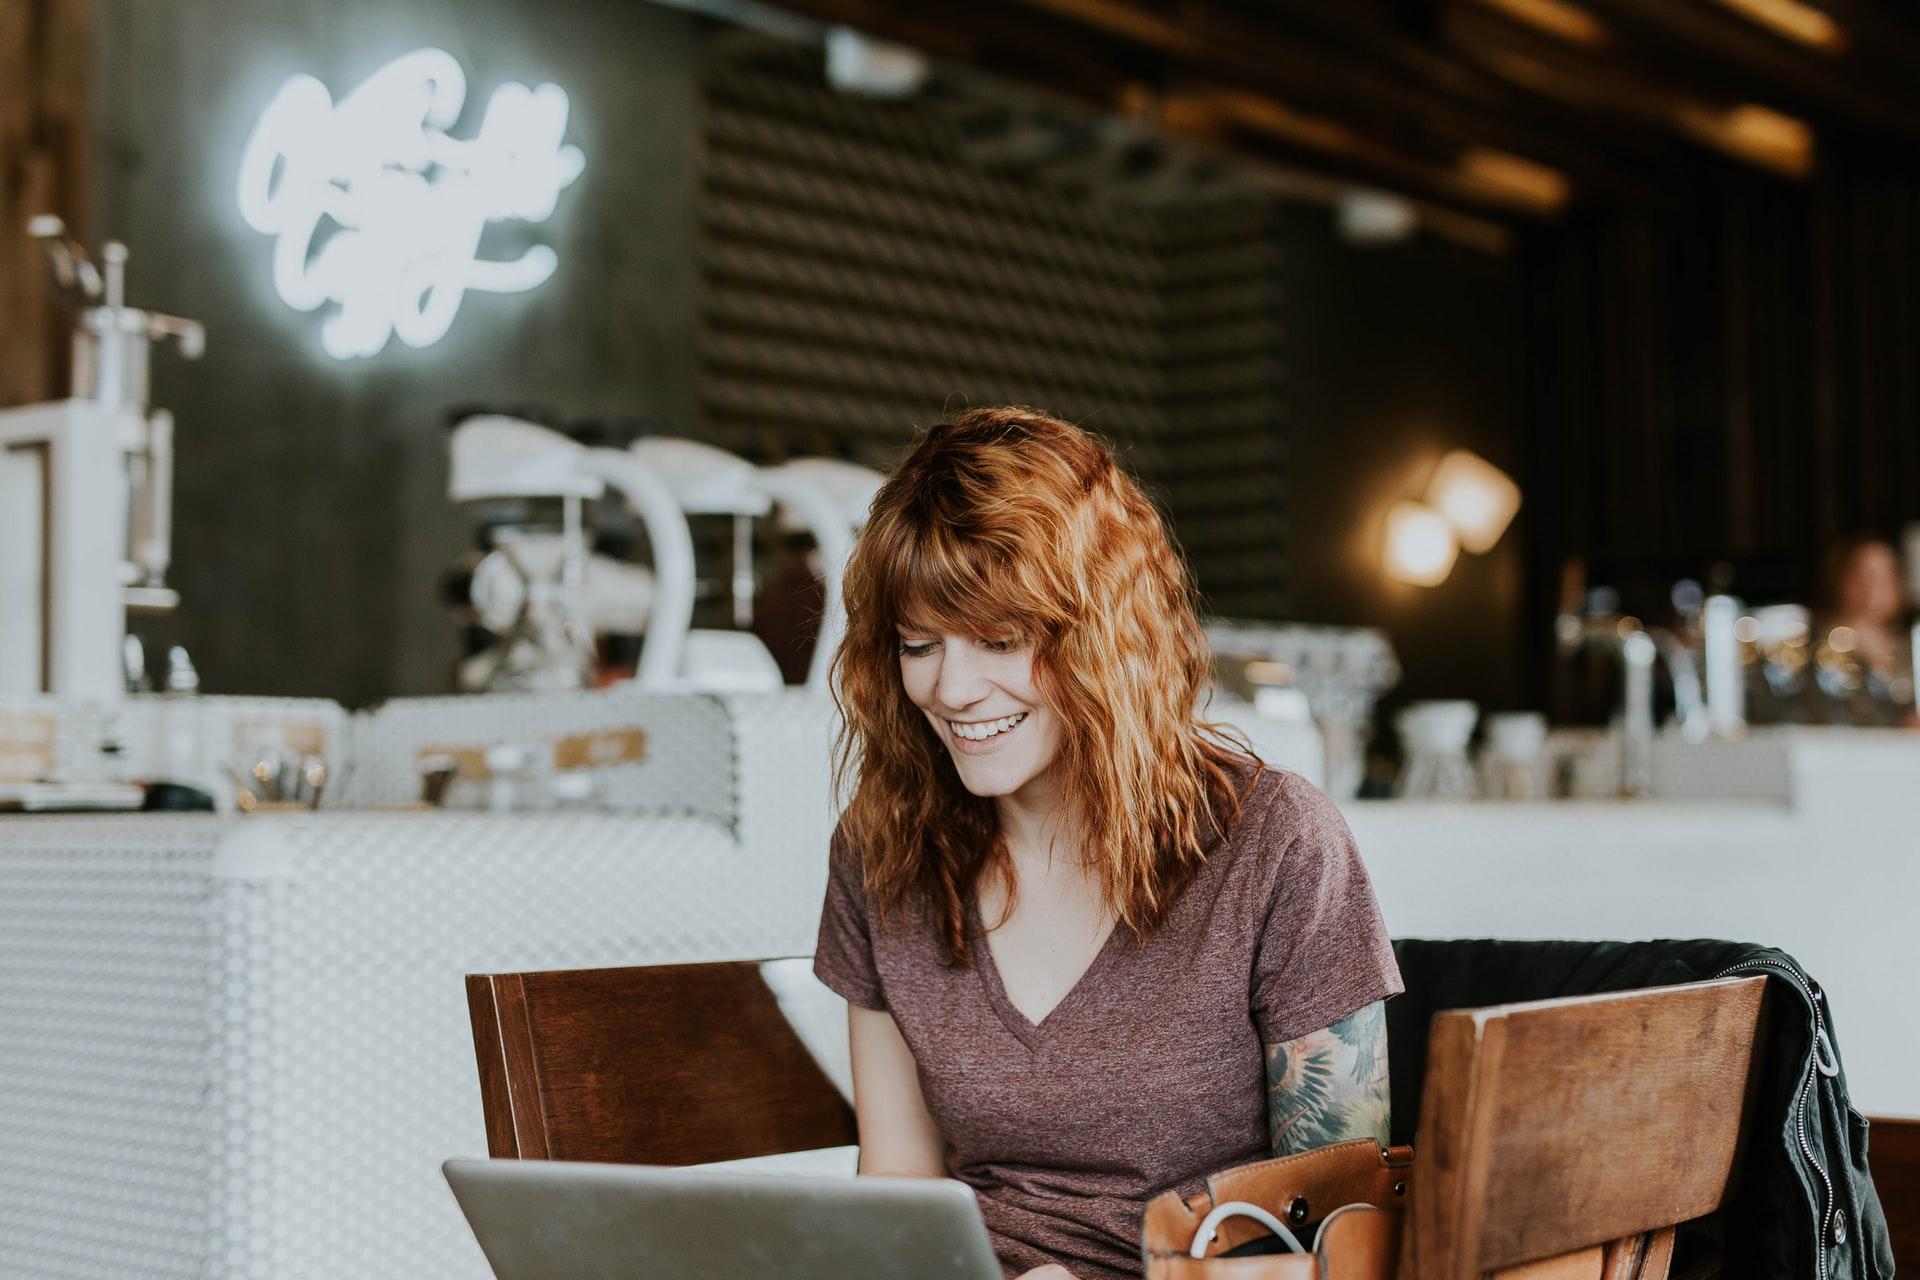 tvorba web stránok na notebooku v kaviarni